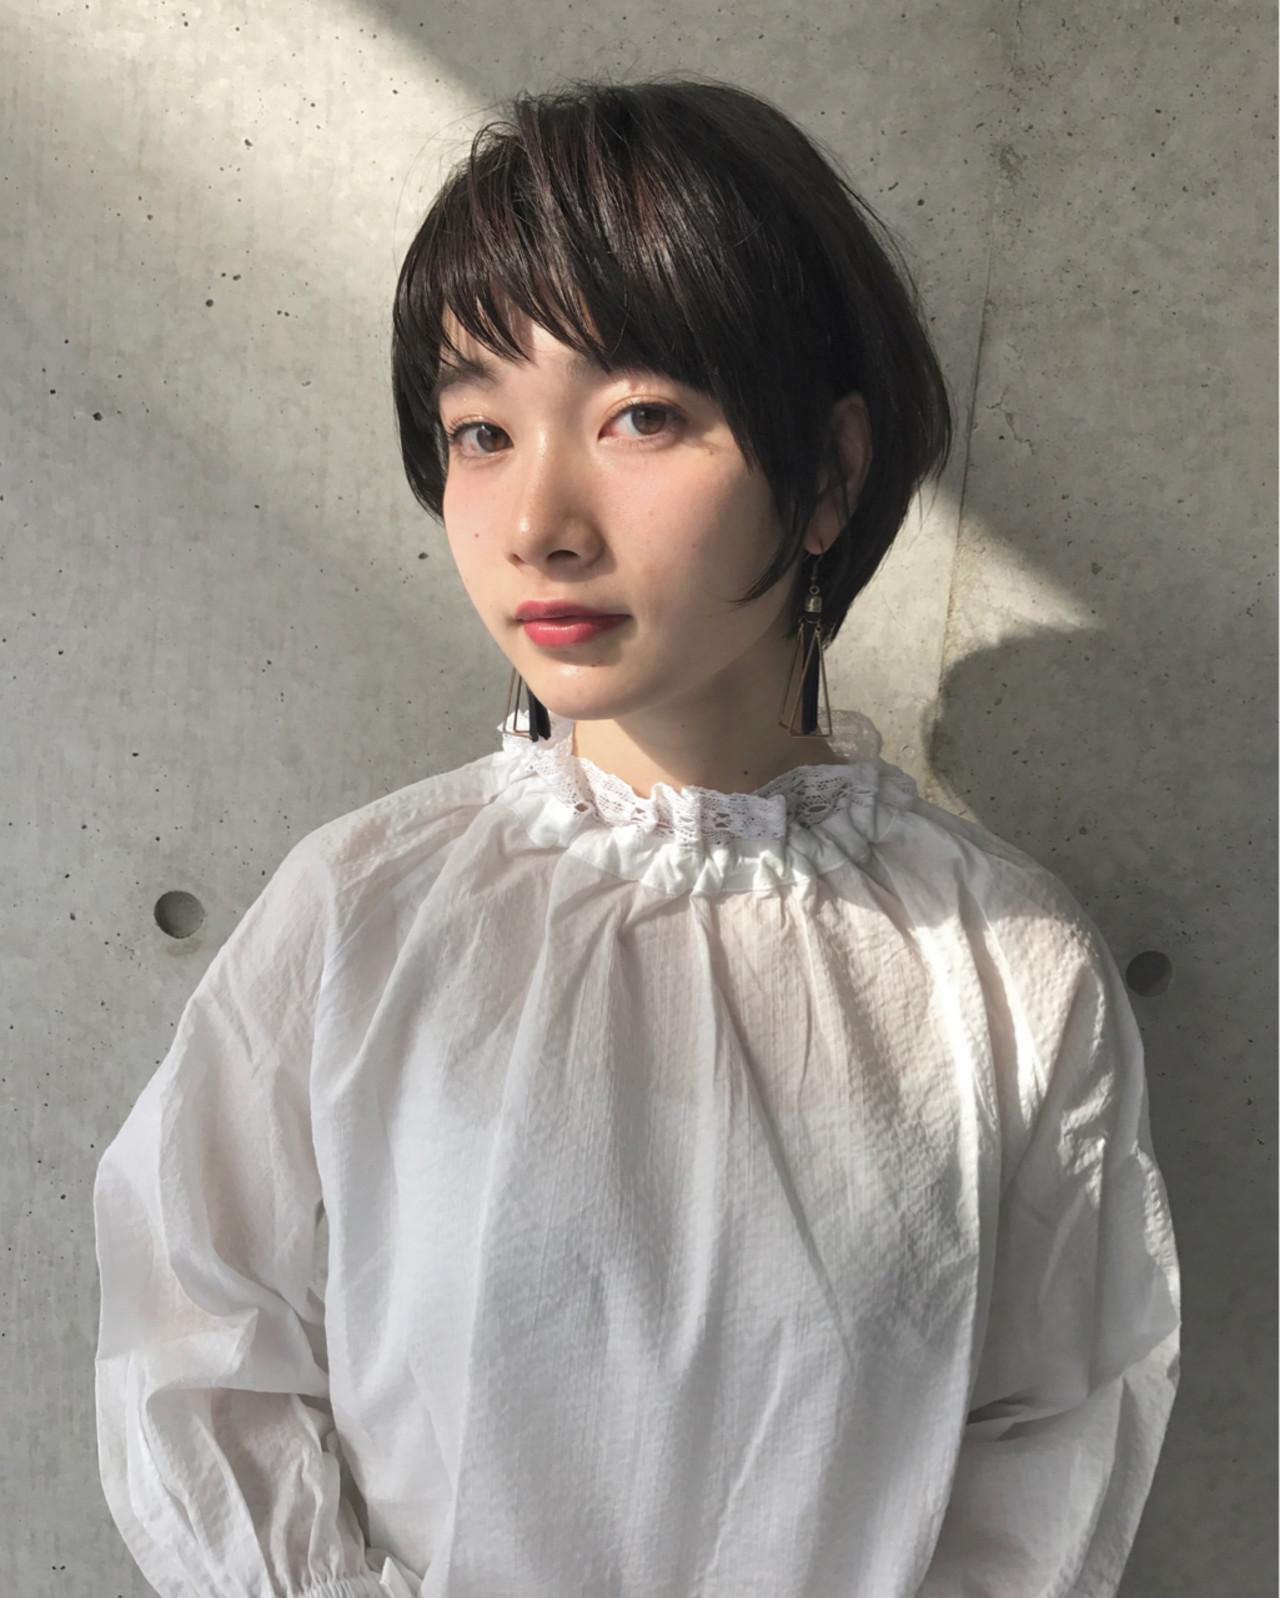 ボブ 色気 ニュアンス 大人女子 ヘアスタイルや髪型の写真・画像 | 前田賢太 HOULe 表参道 / HOULe